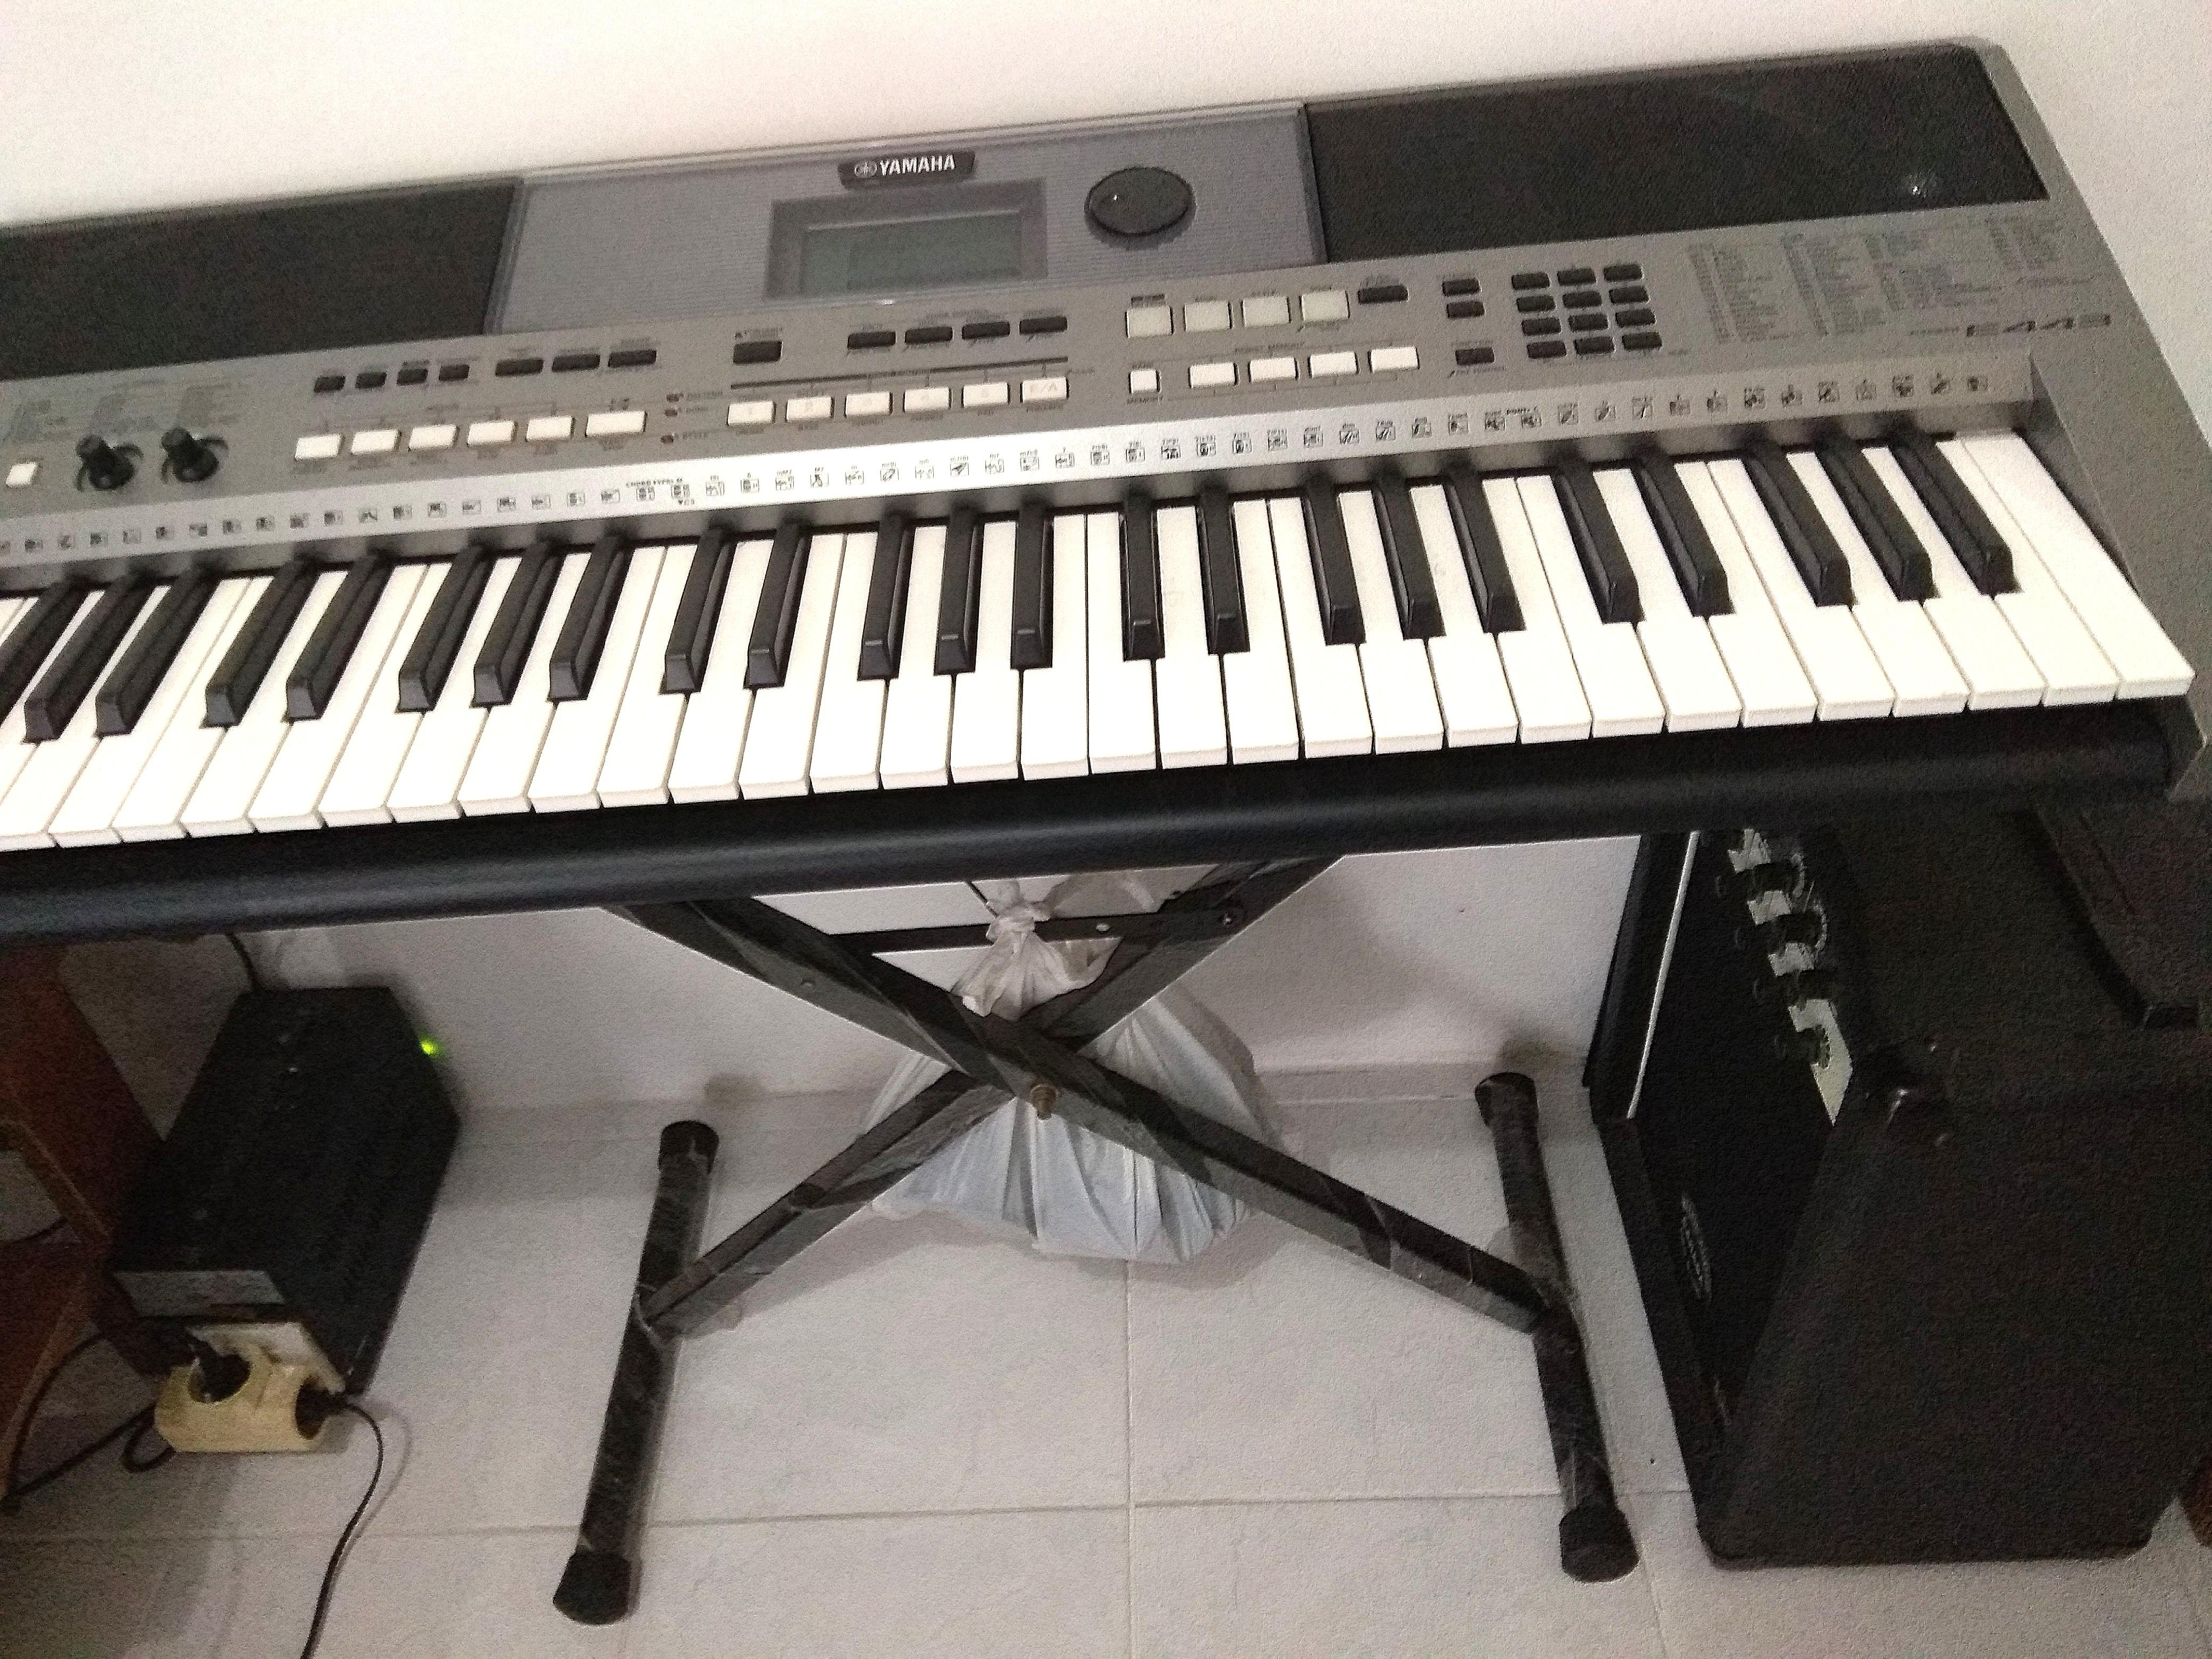 Keyboard Yamaha psr e443 set